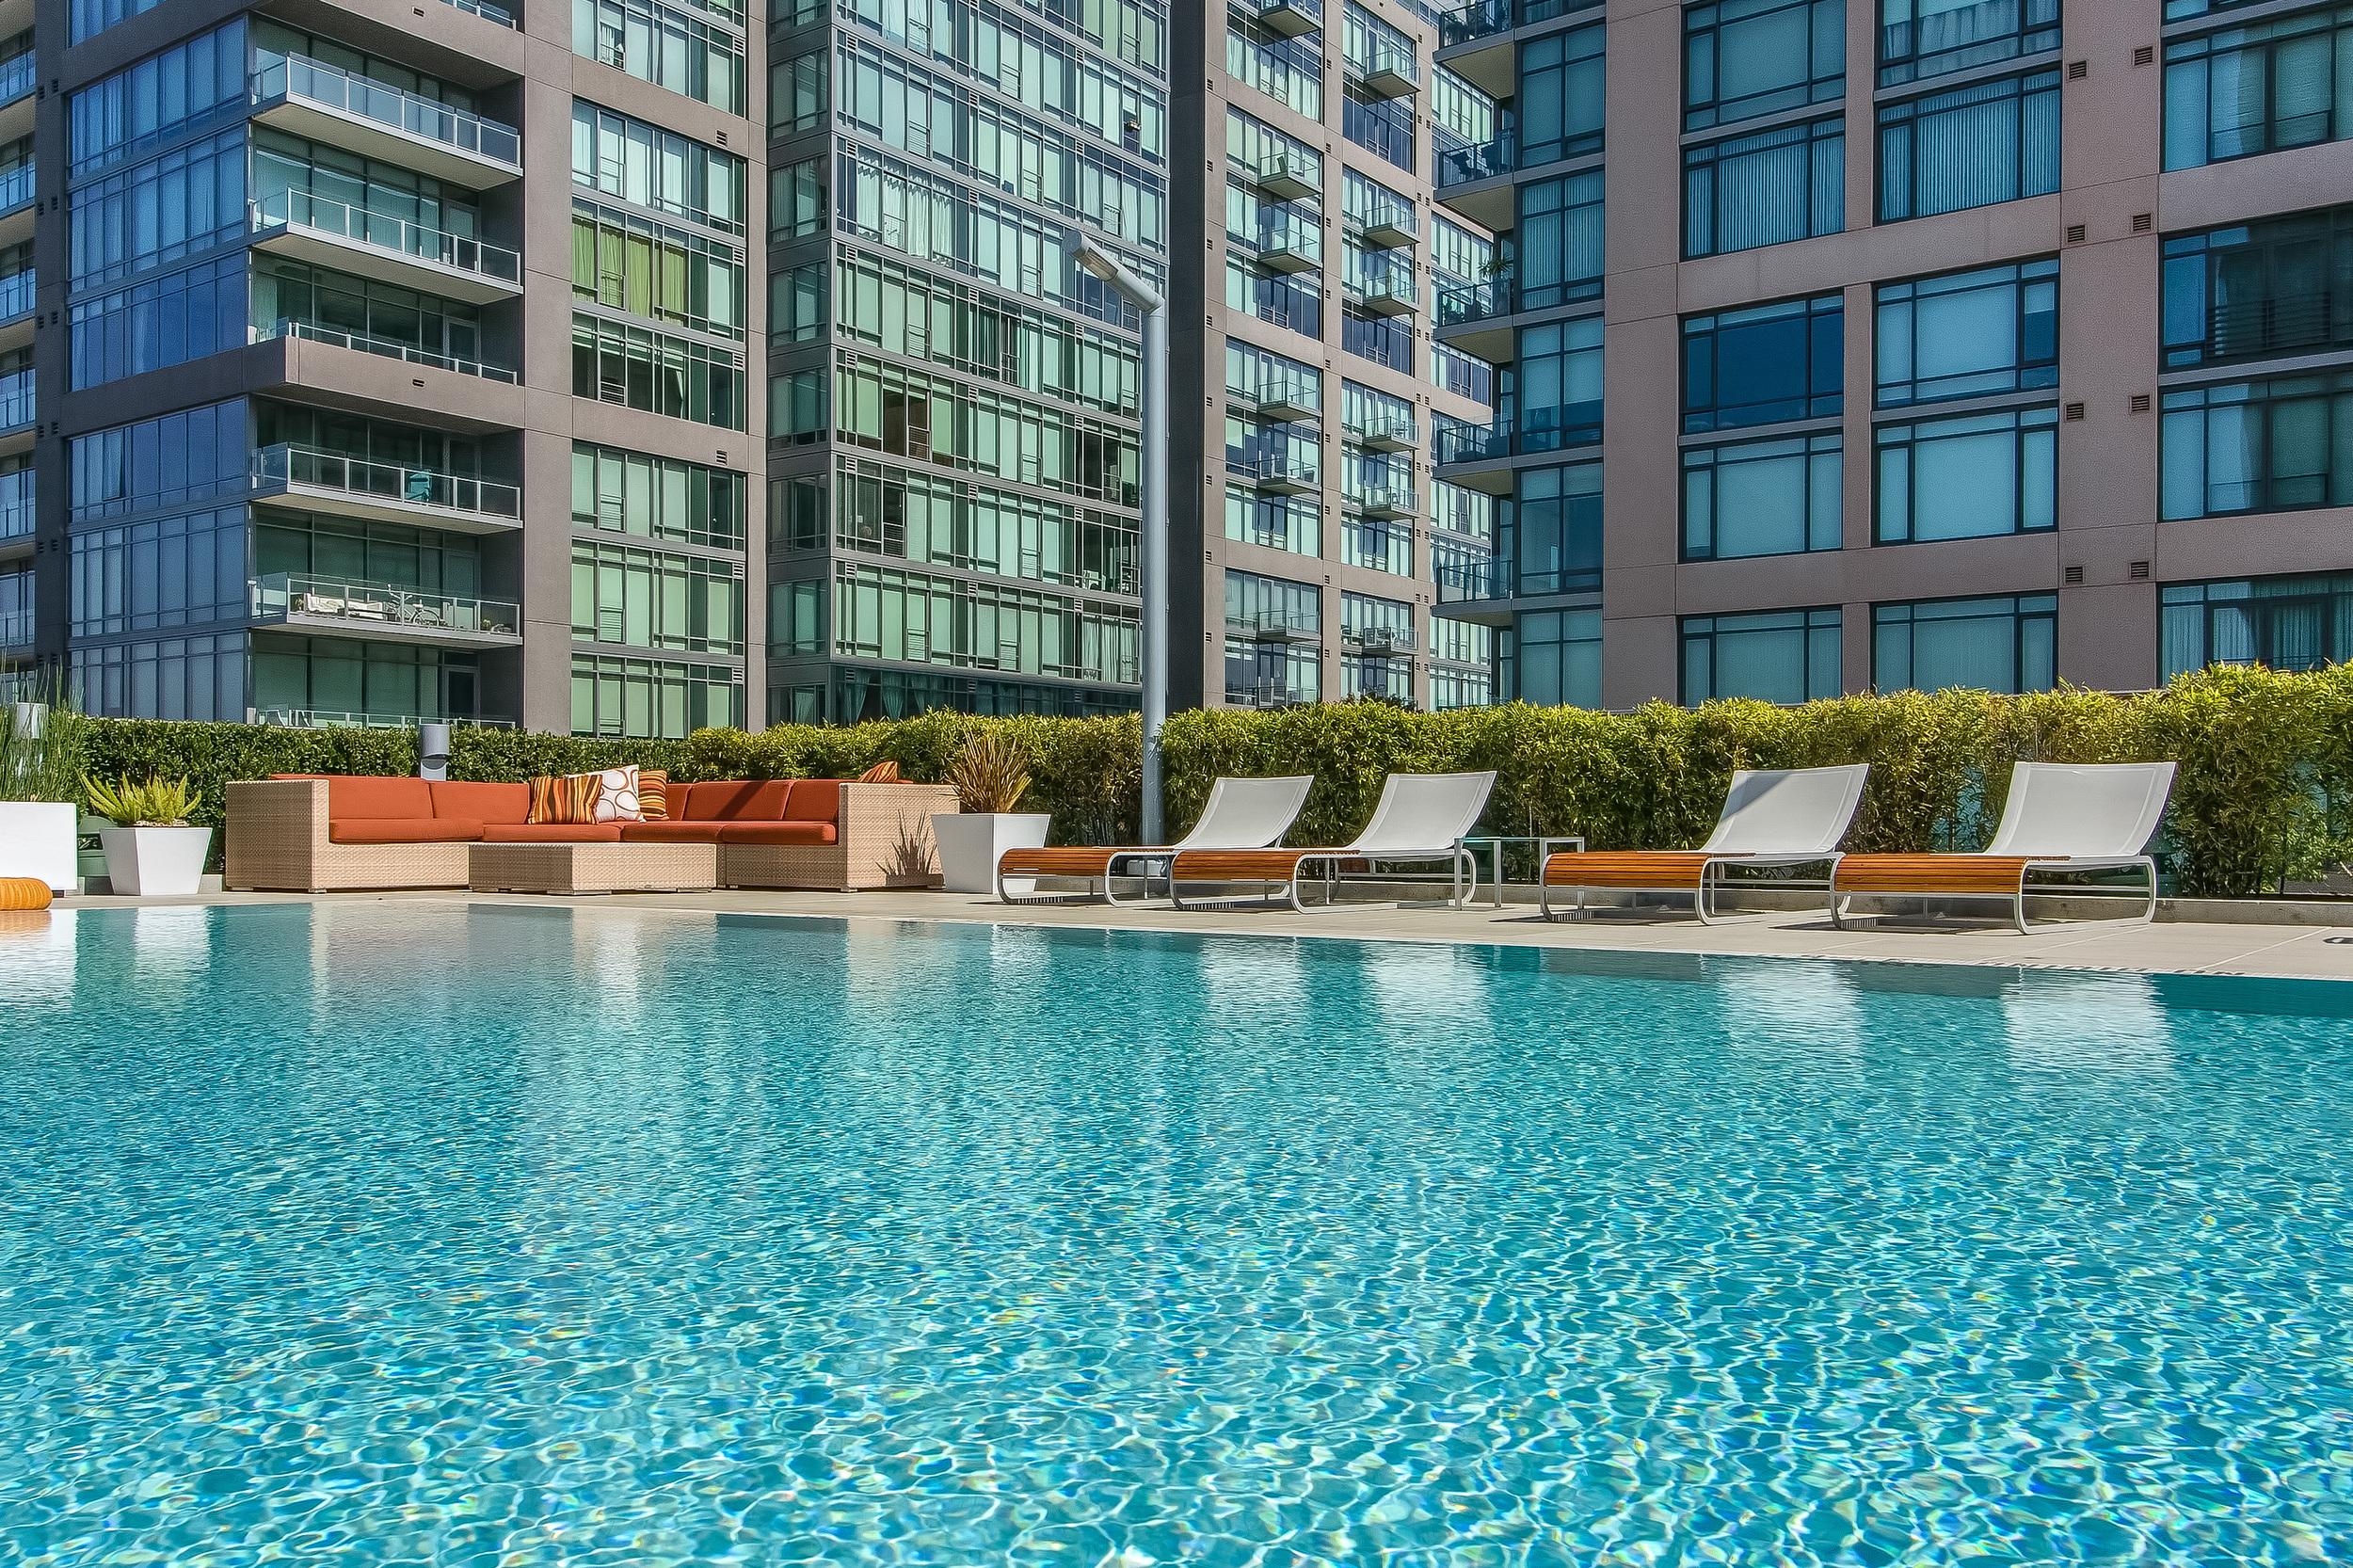 000-Pool-455759-large.jpg